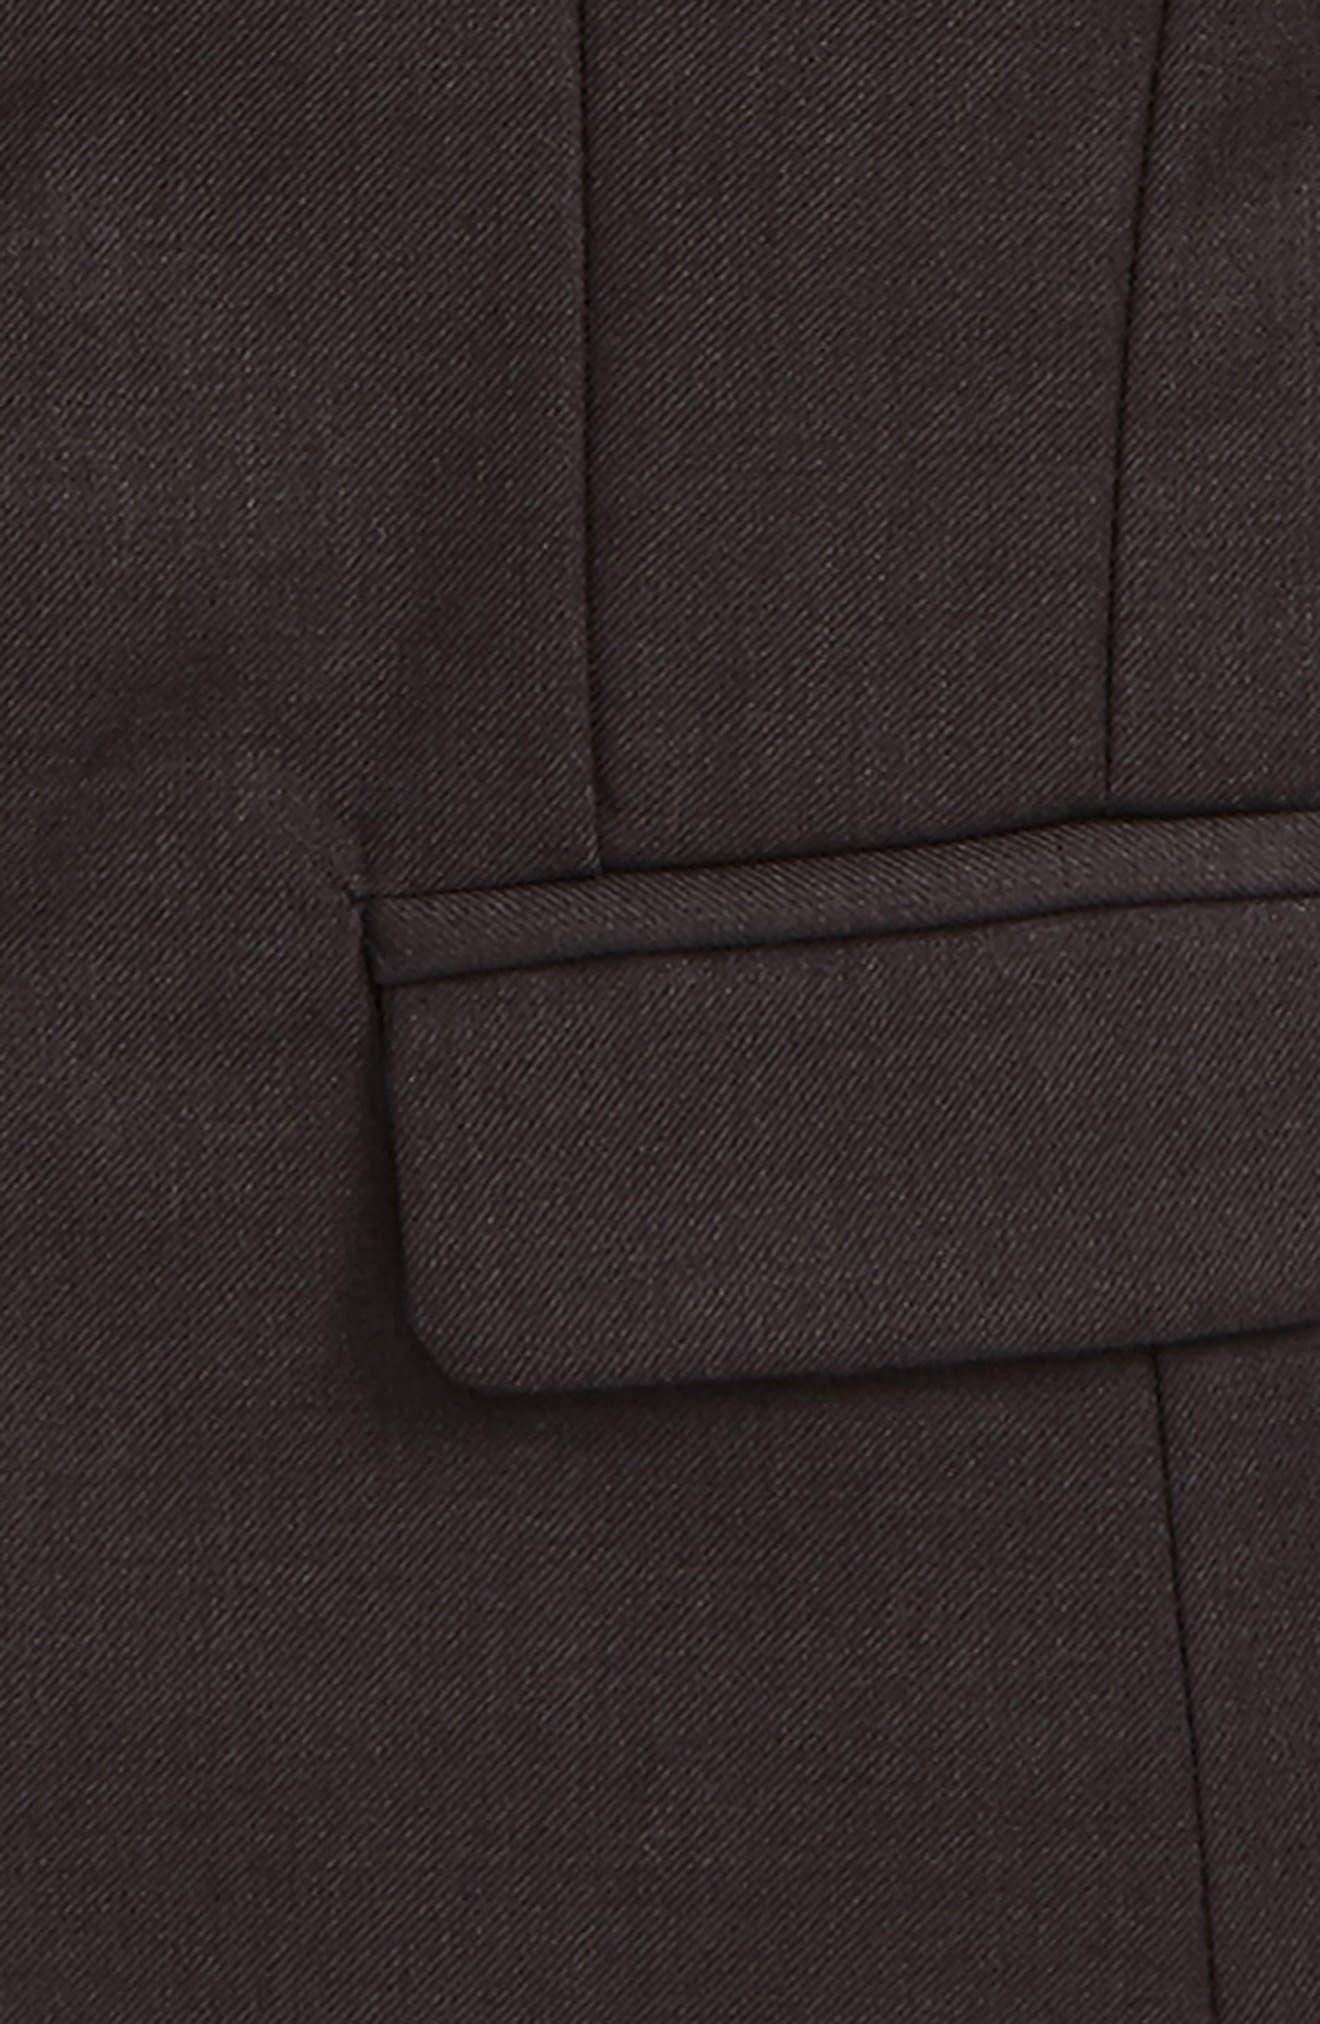 Harry Suit Jacket,                             Alternate thumbnail 5, color,